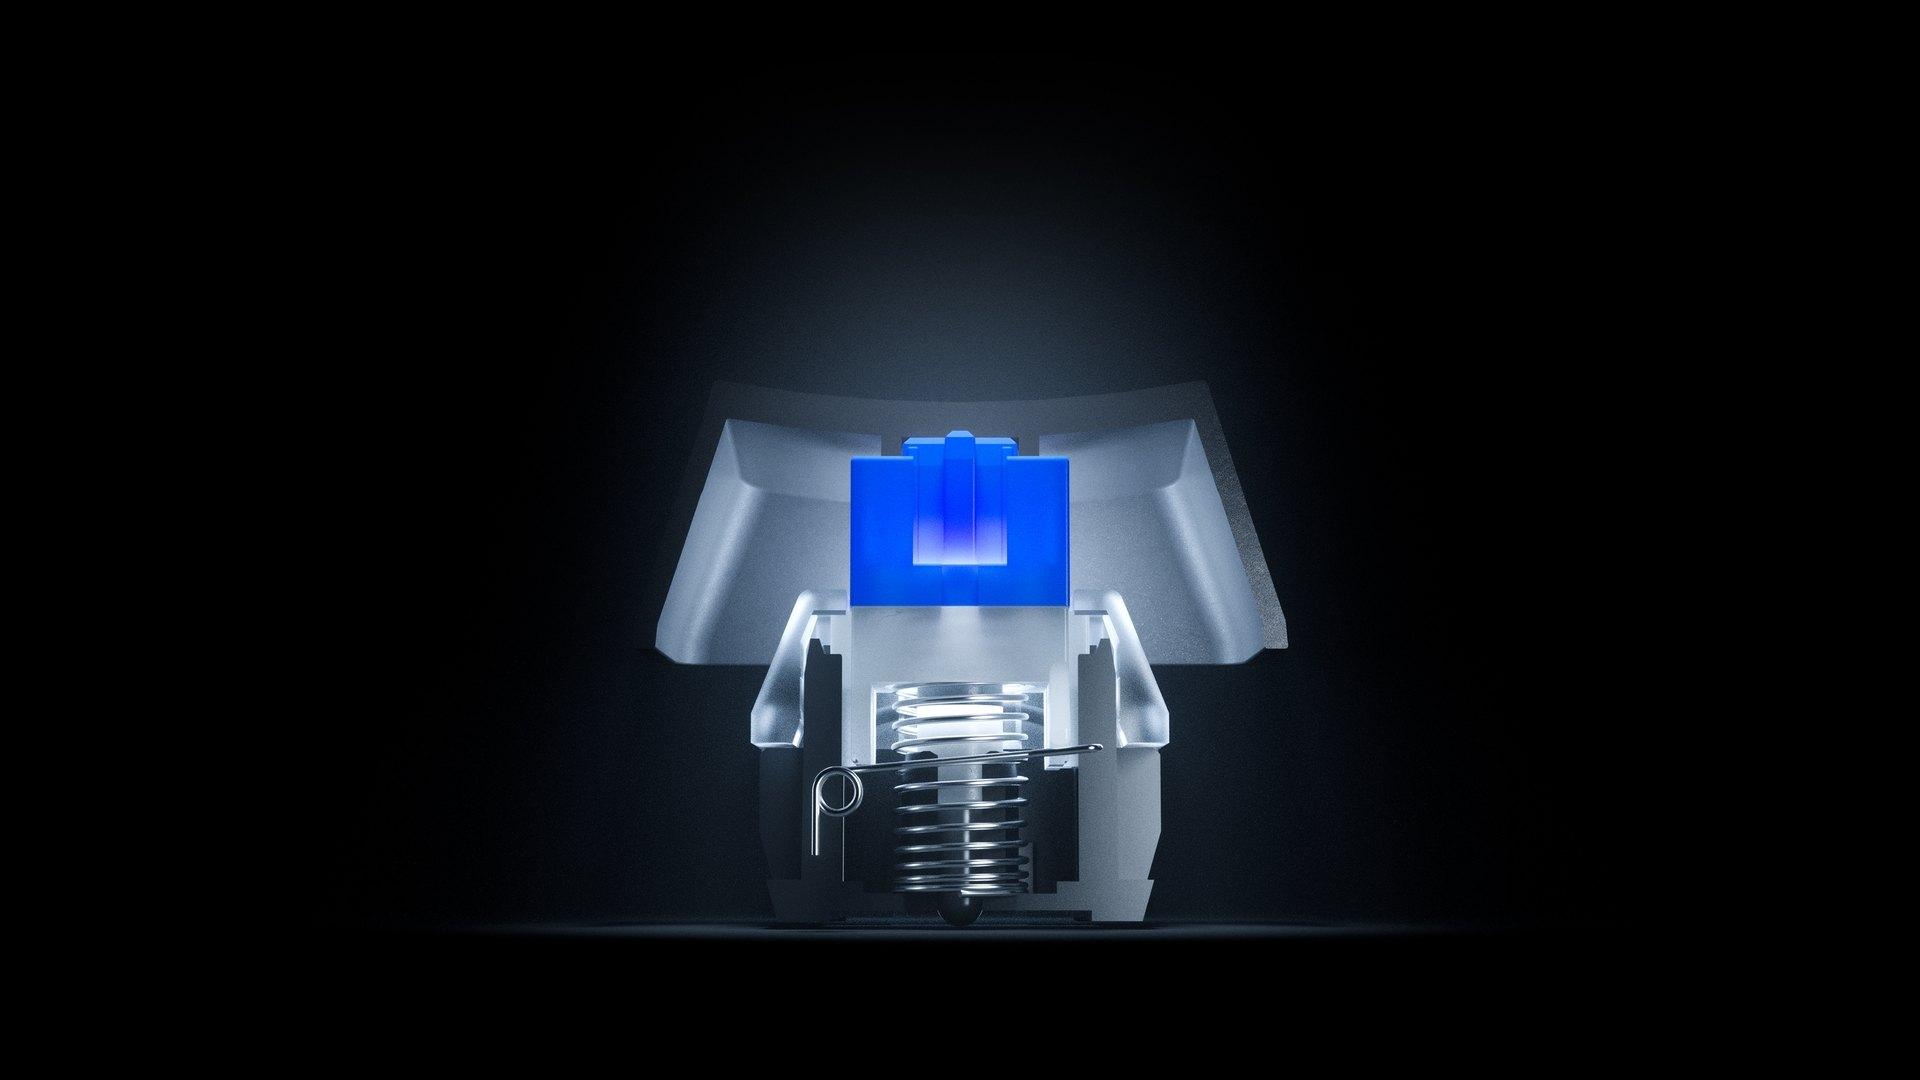 Röntgenbild von einem mechanischen Apex 5 Hybrid Schalter, das sein Innenleben zeigt